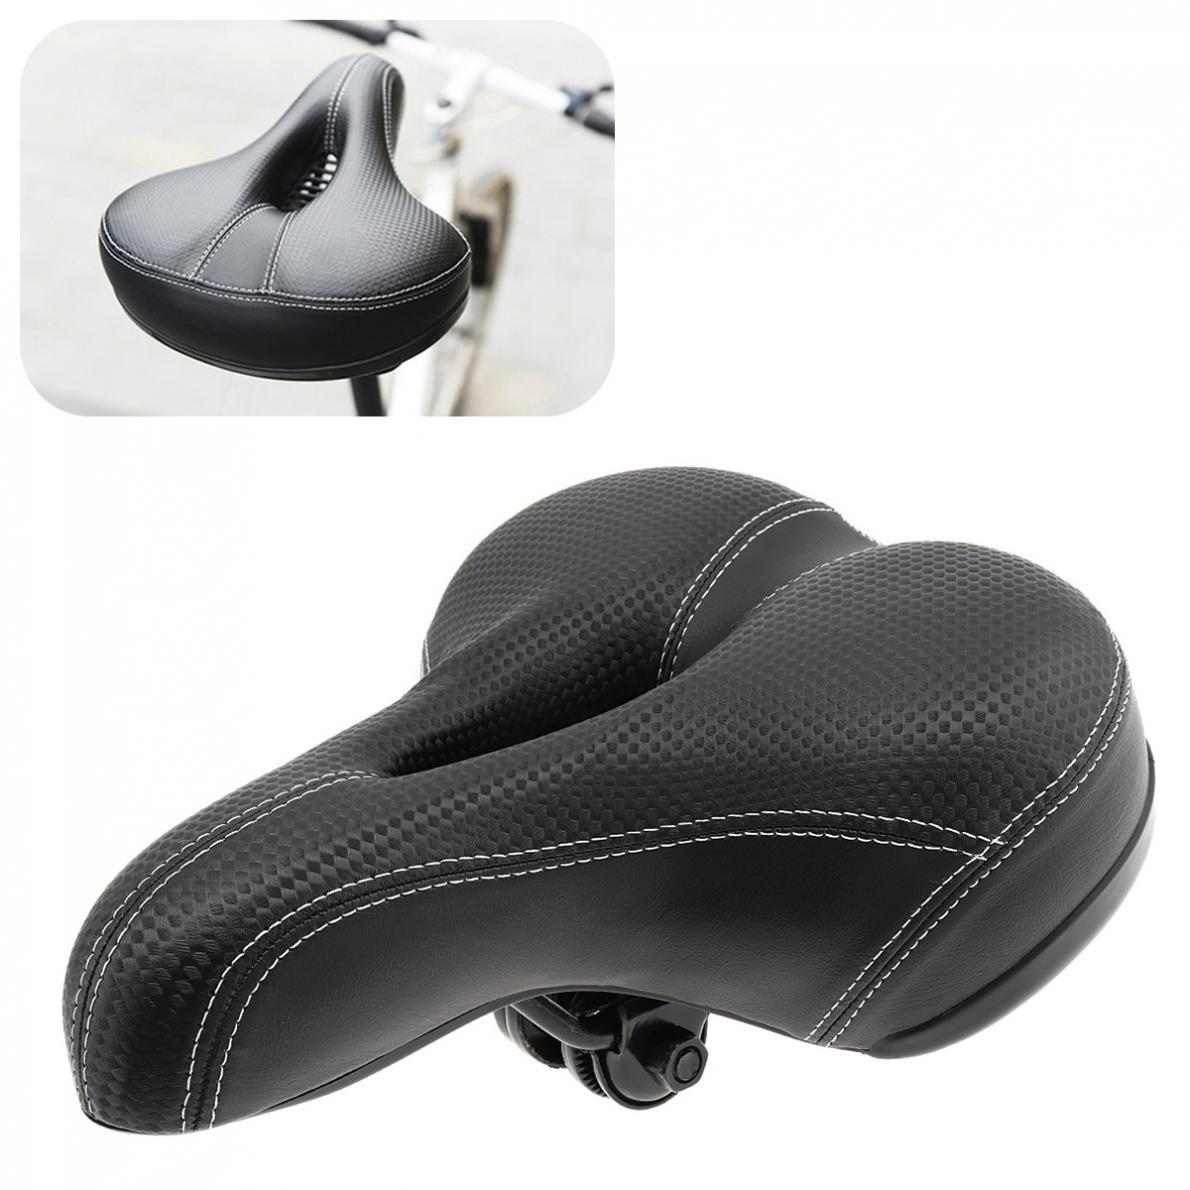 Grande assento de bicicleta engrossar sela da bicicleta assento ciclismo sela mtb almofada asiento bicicleta esponja macia ciclismo sela